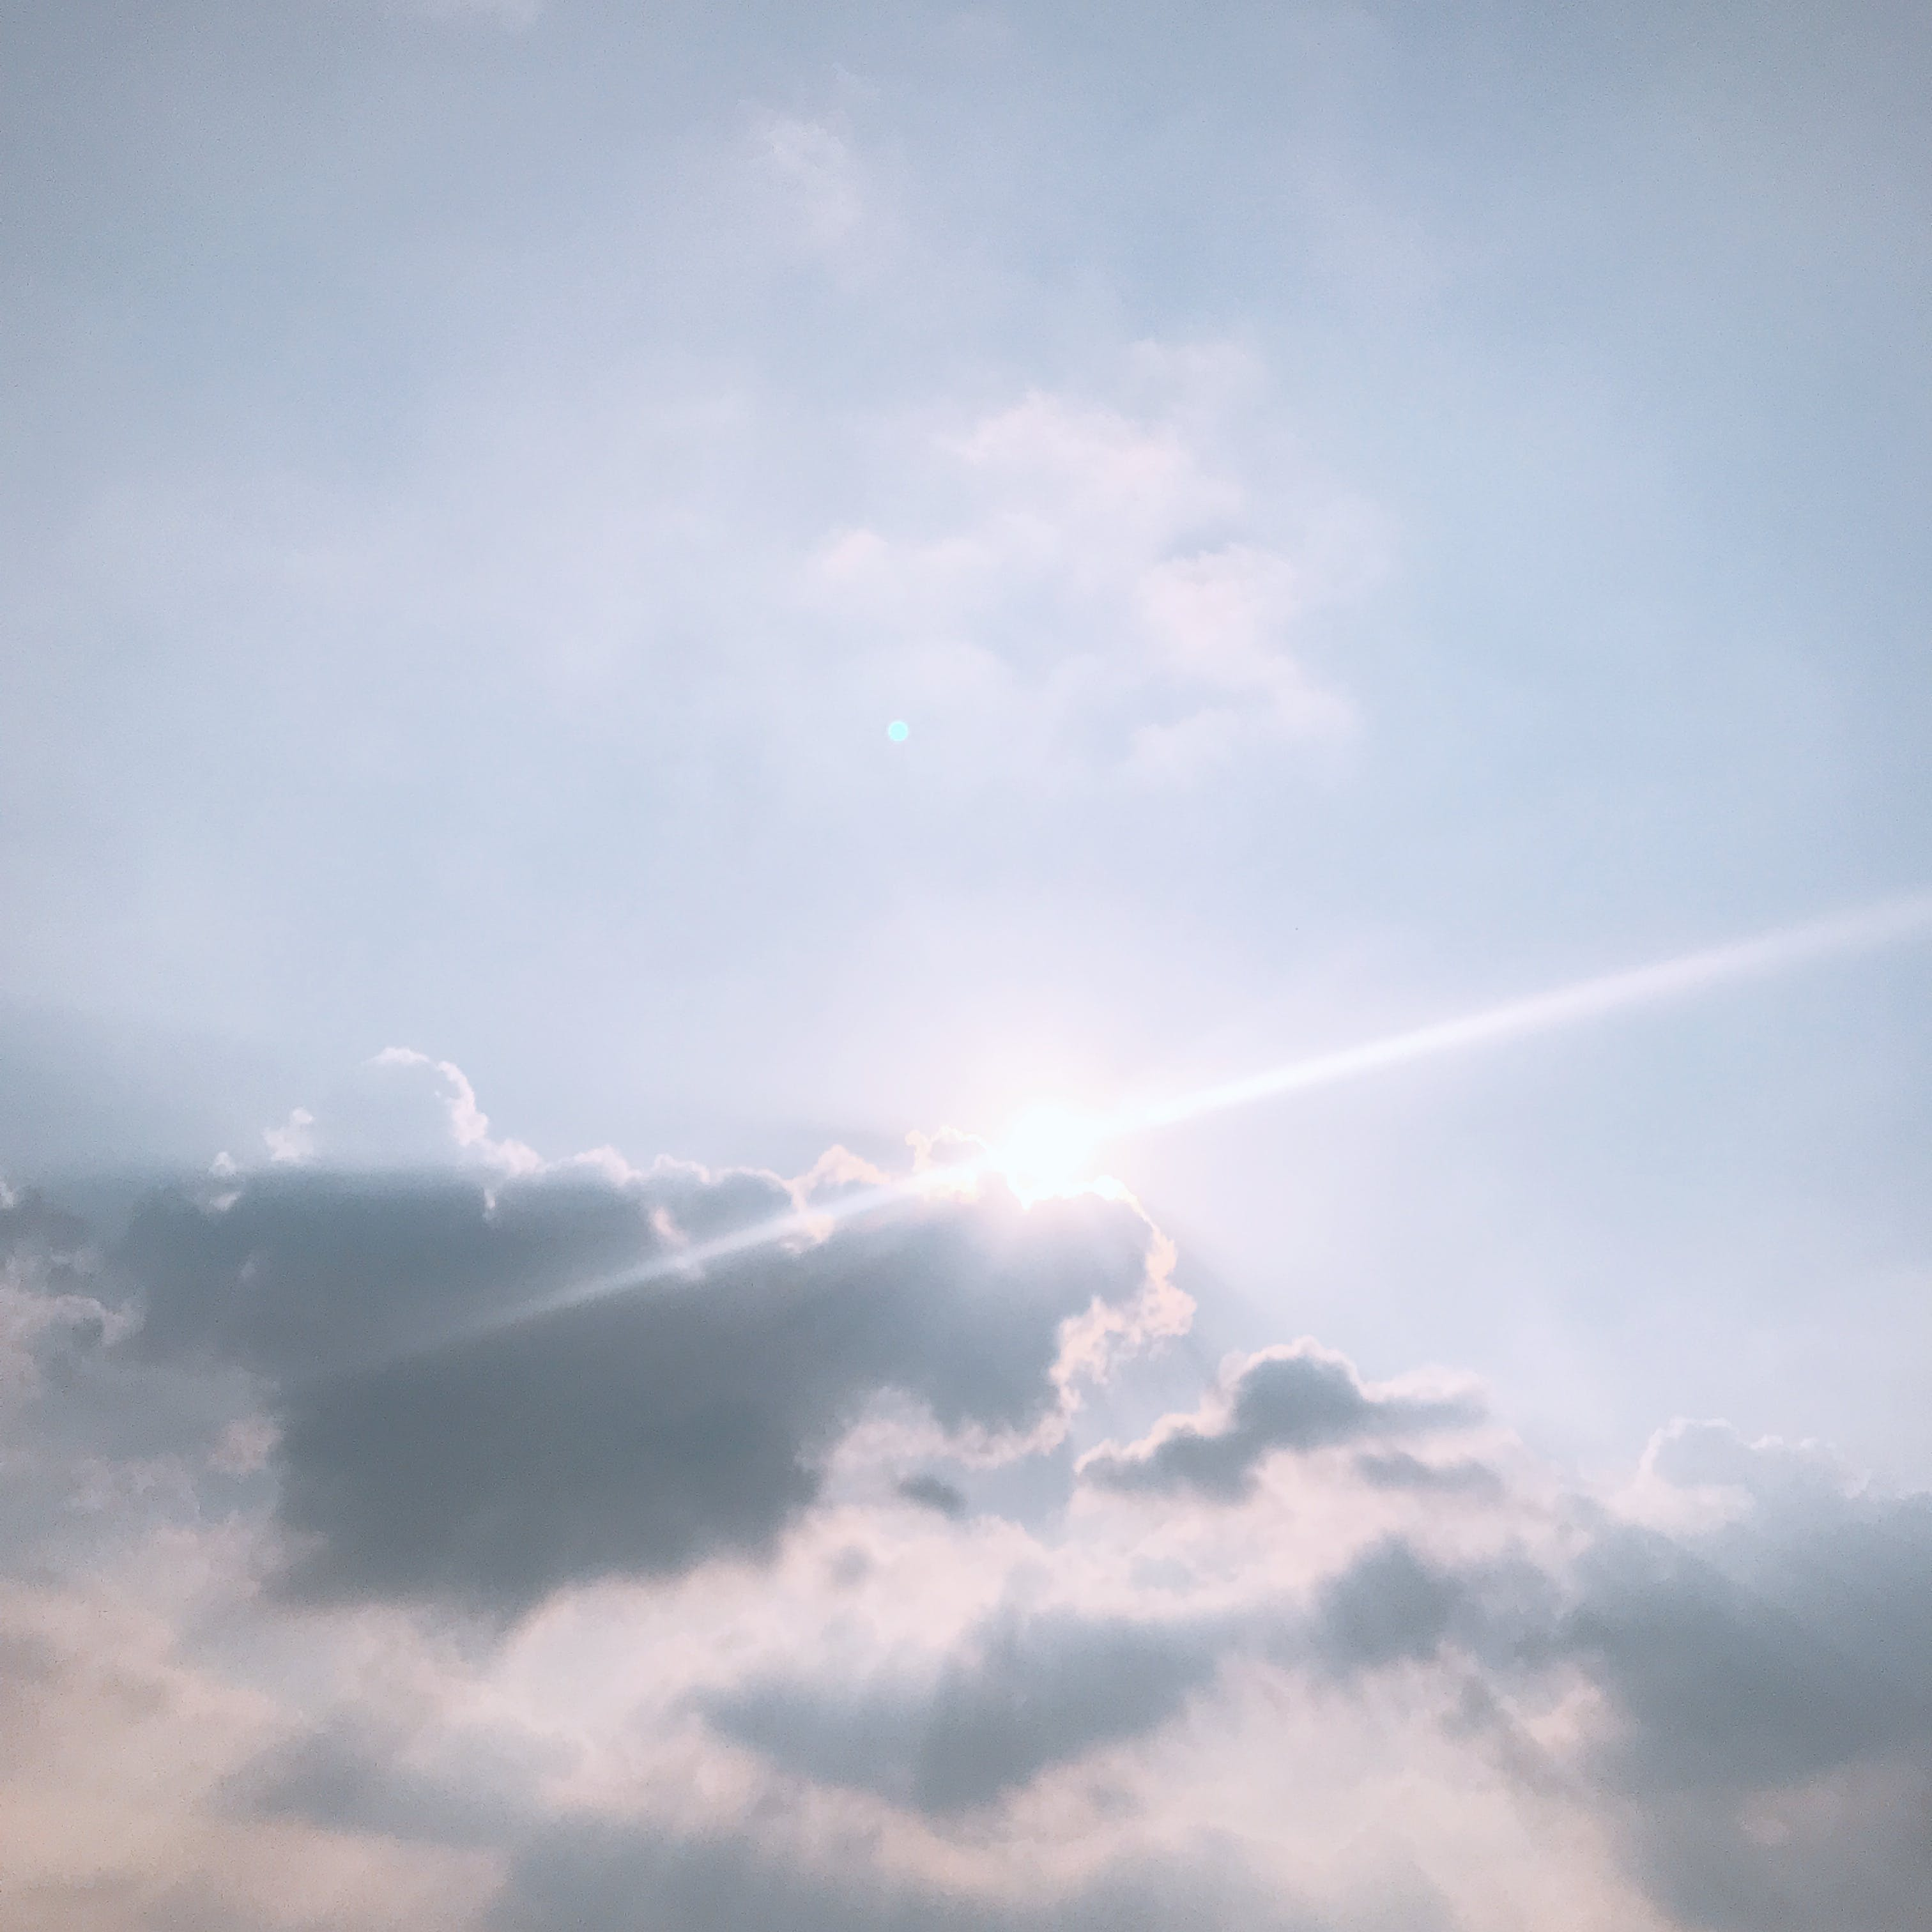 Immagine gratuita di atmosfera, cielo, luce del giorno, nuvole